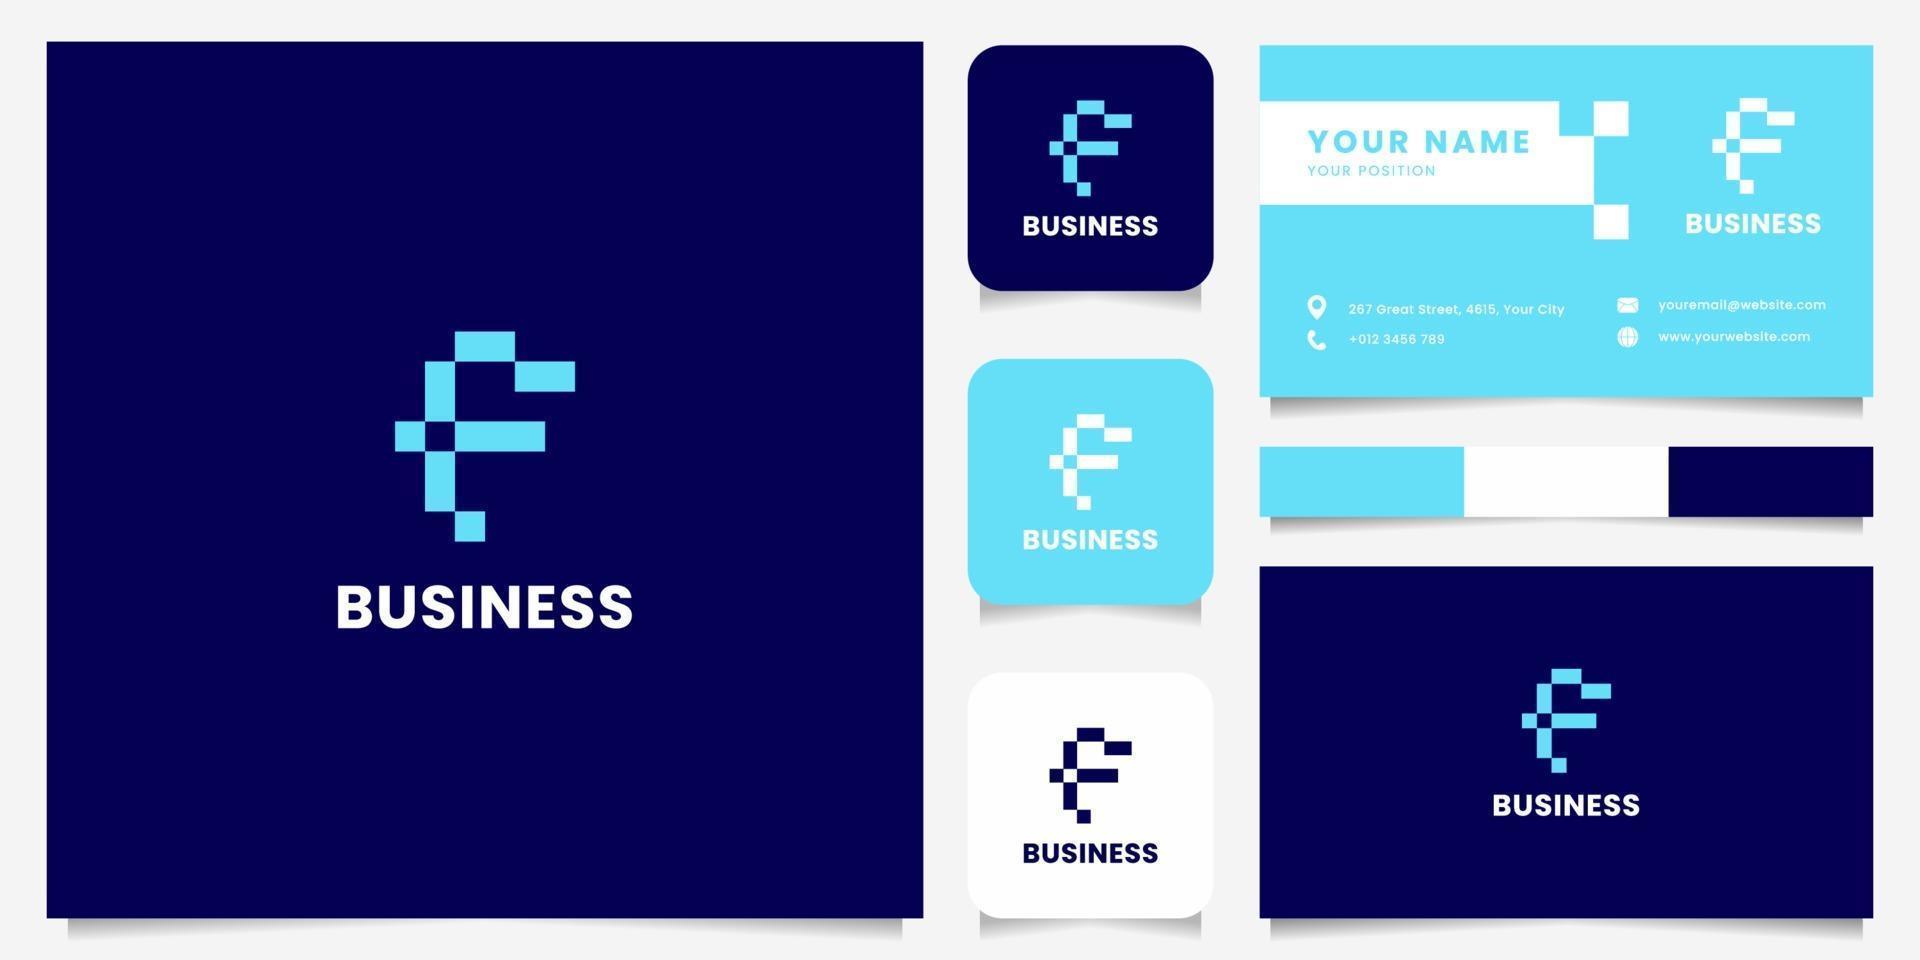 eenvoudig en minimalistisch blauw pixel letter f-logo met sjabloon voor visitekaartjes vector